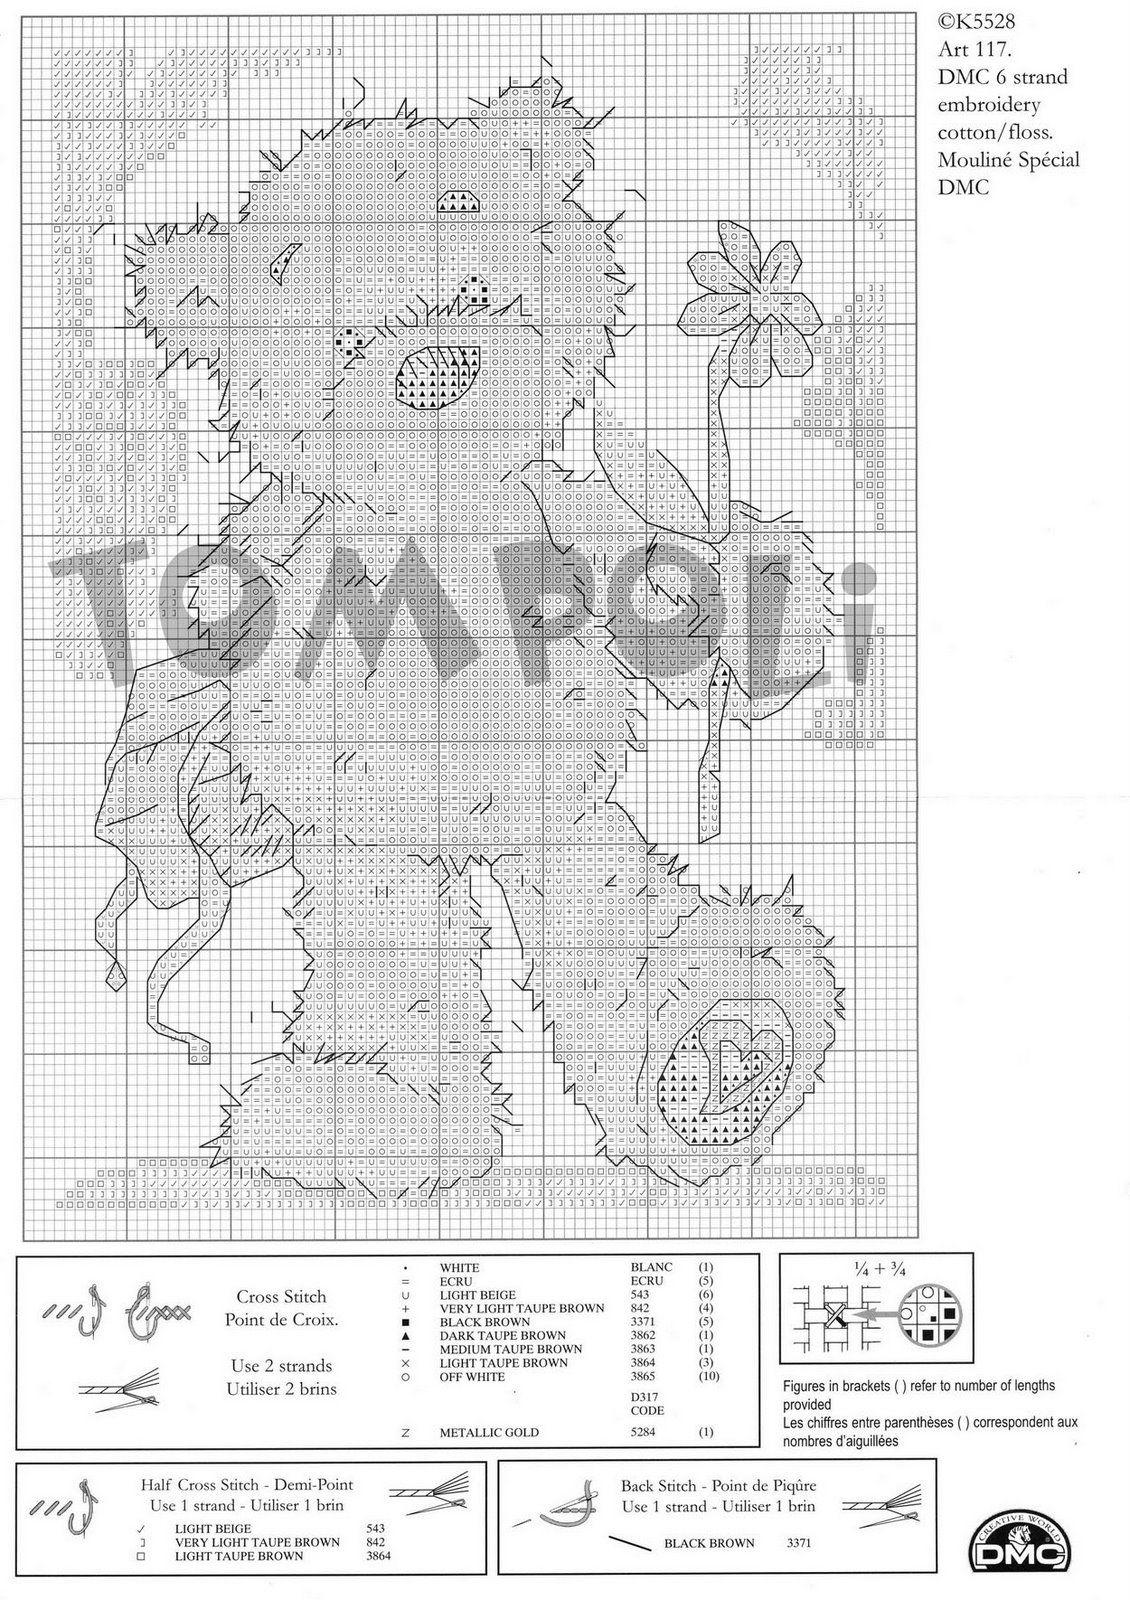 Lickle Teddy W Flower 2 Baby Cross Stitch Patterns Cross Stitch Cross Stitch Designs